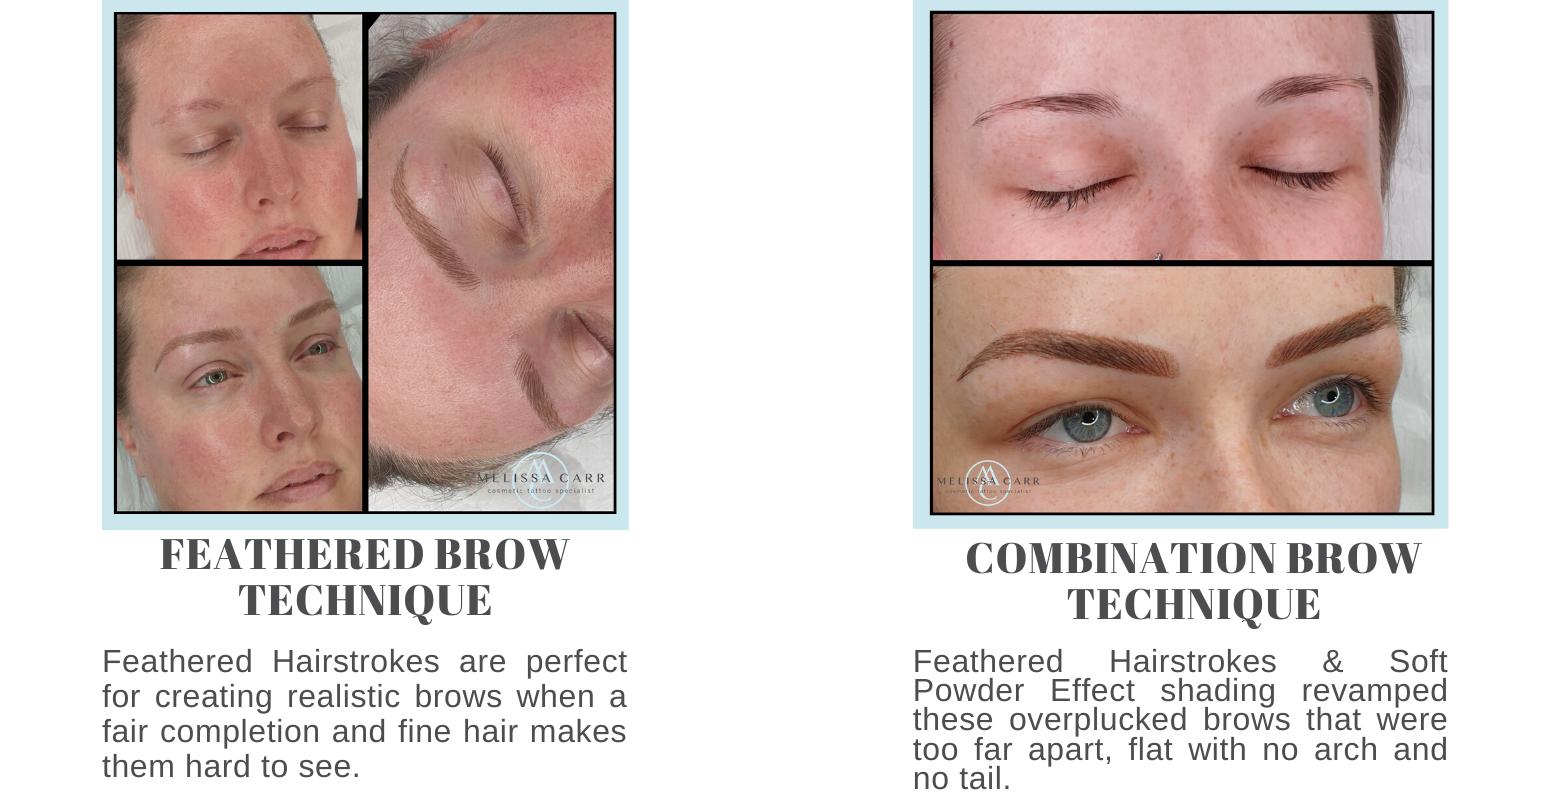 Fair Eyebrows & overplucked eyebrows tattooed